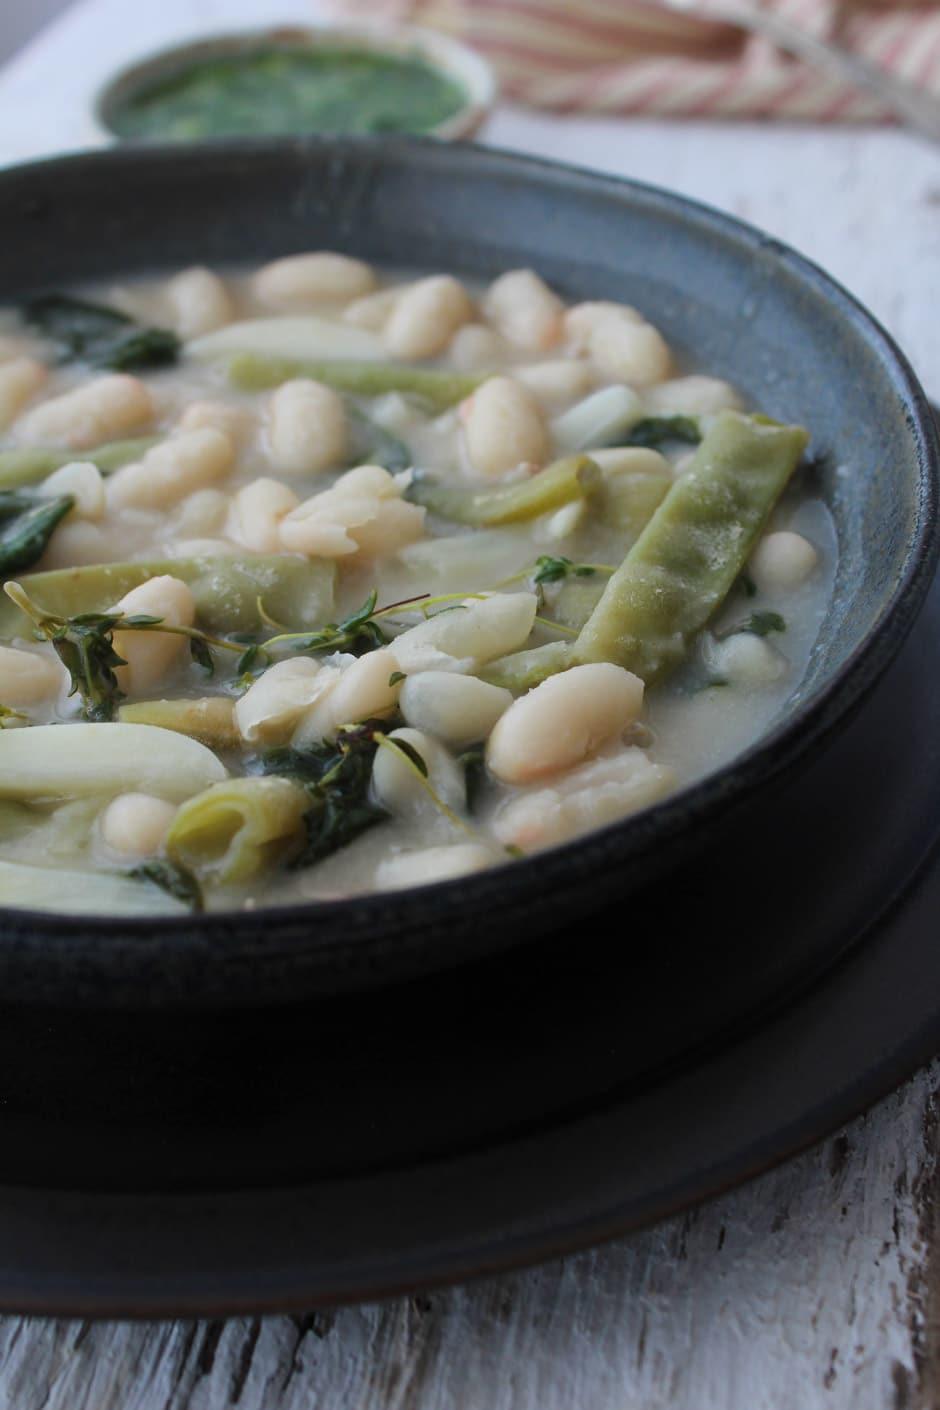 Ensopado de feijão branco e alho com gremolata